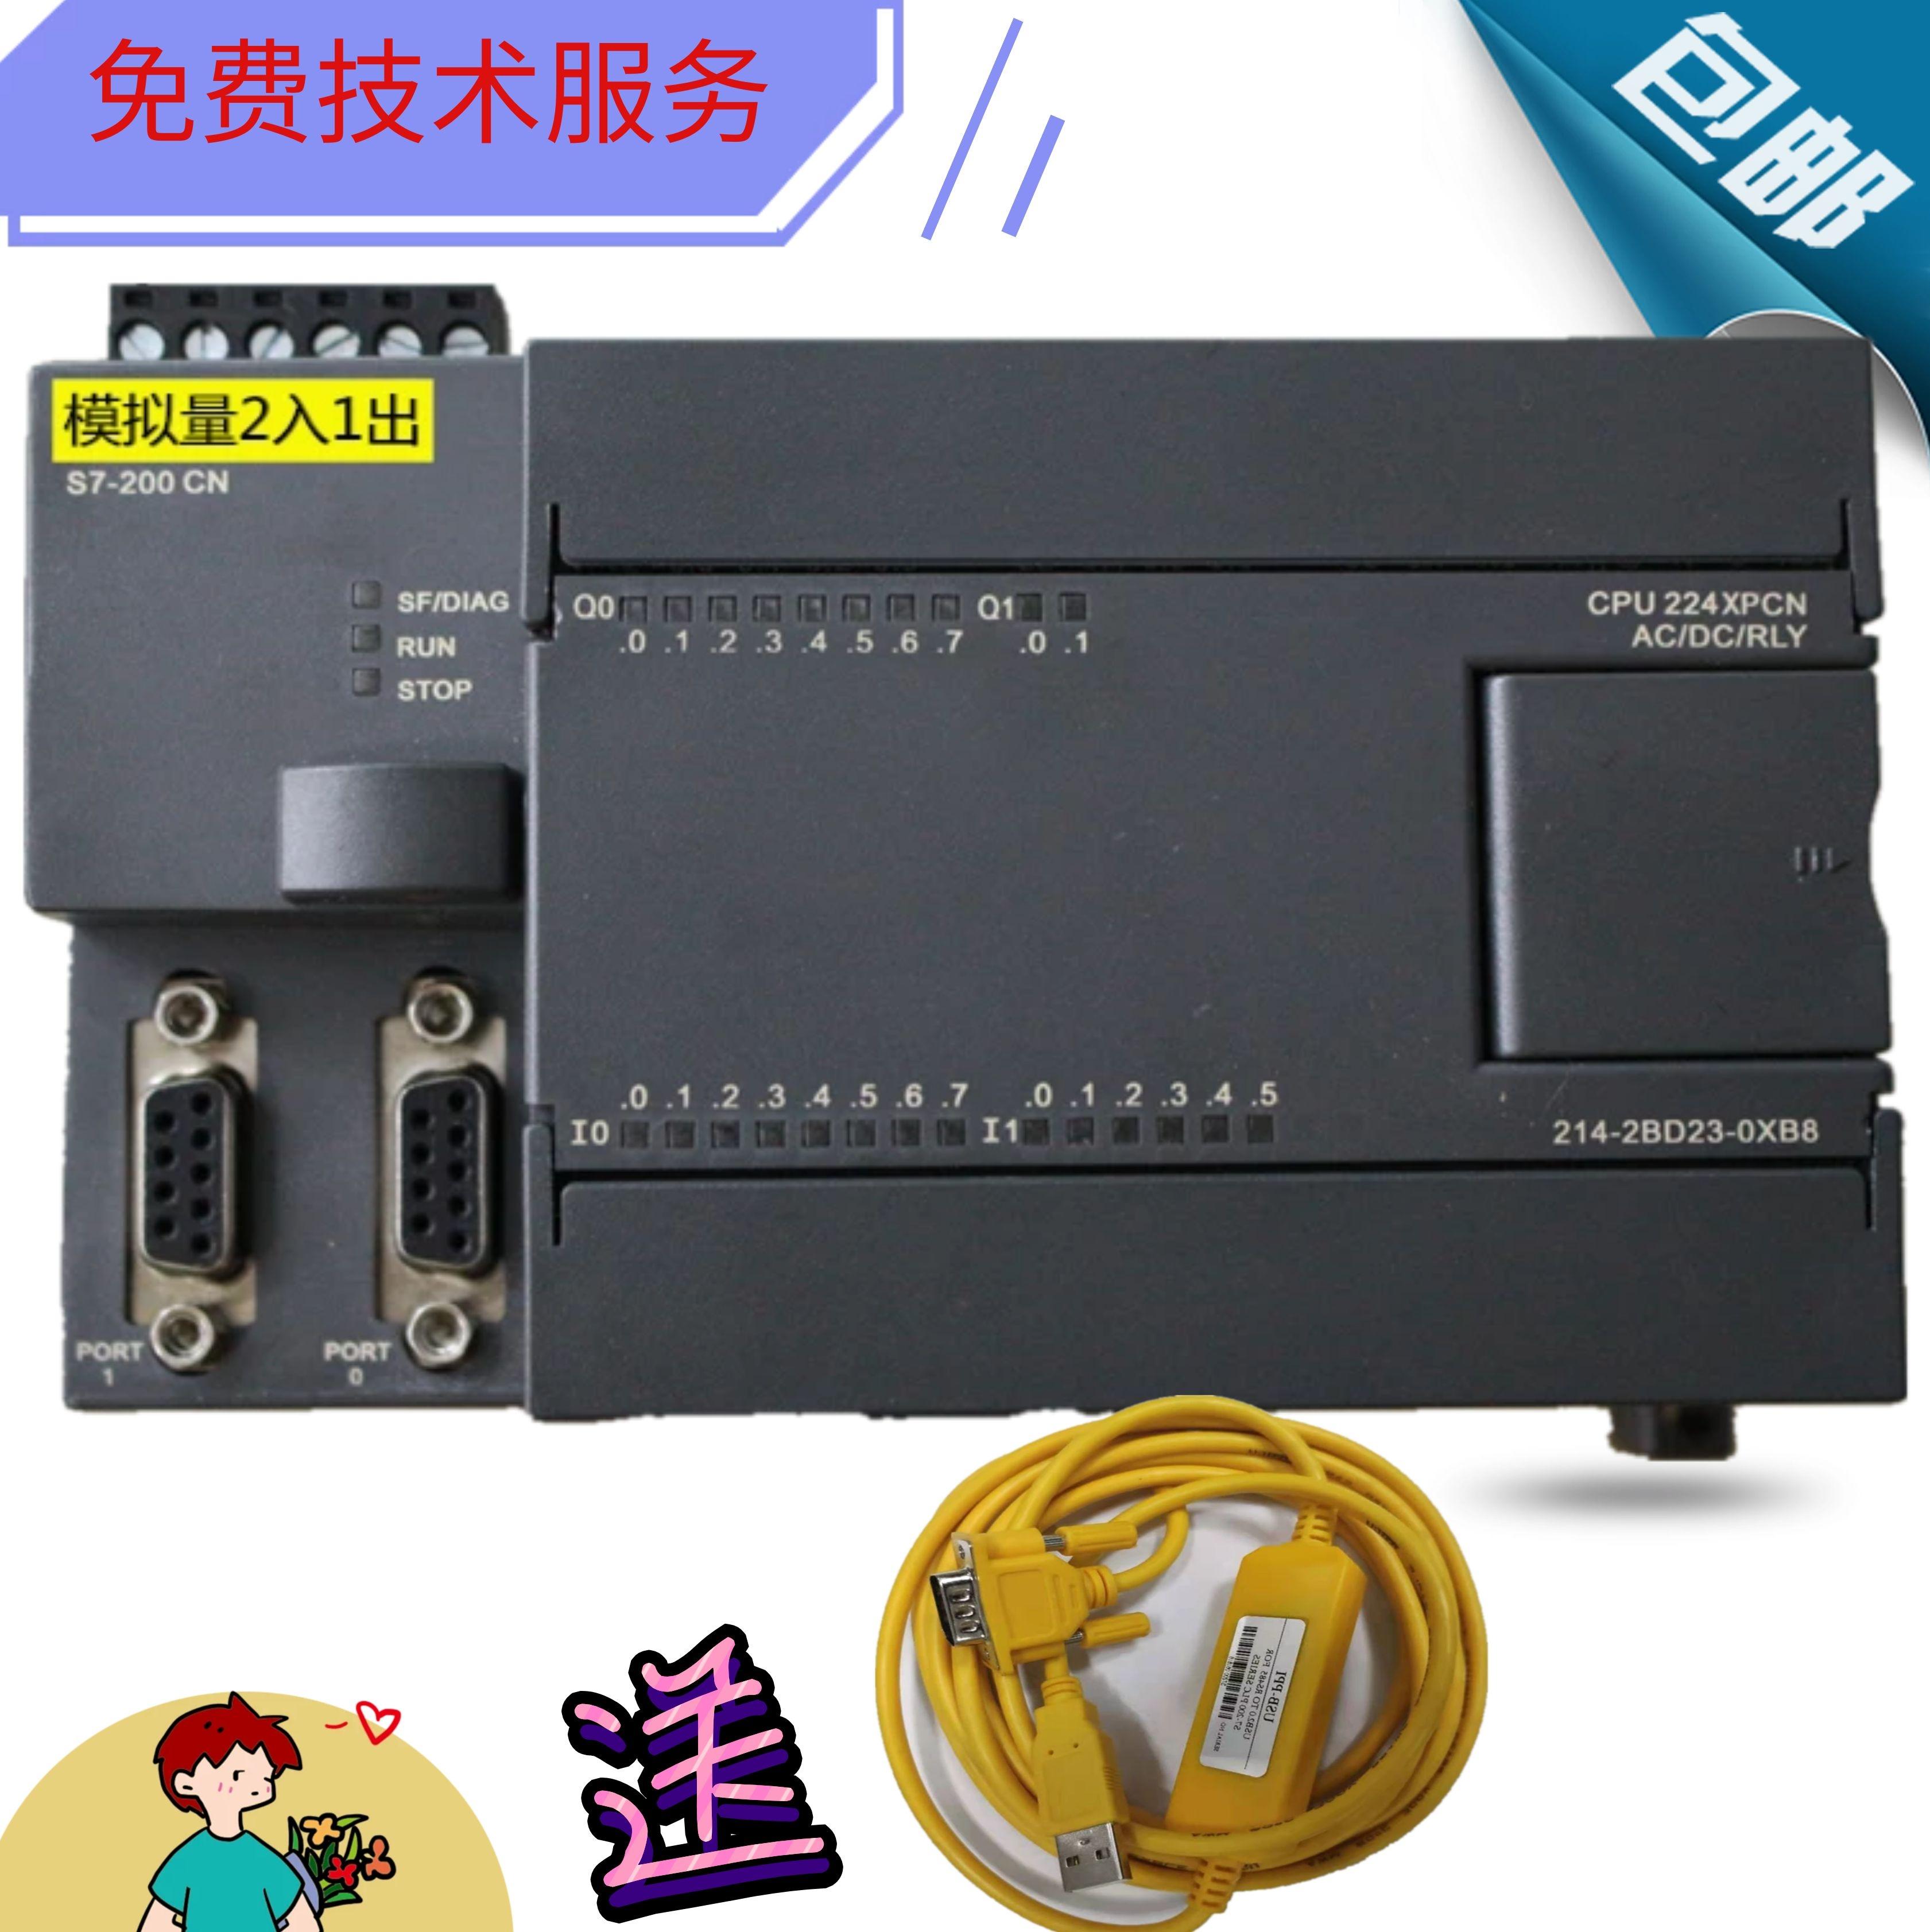 全新国产替代西门子S7-200CPU224XP222CN226231PLC控制器